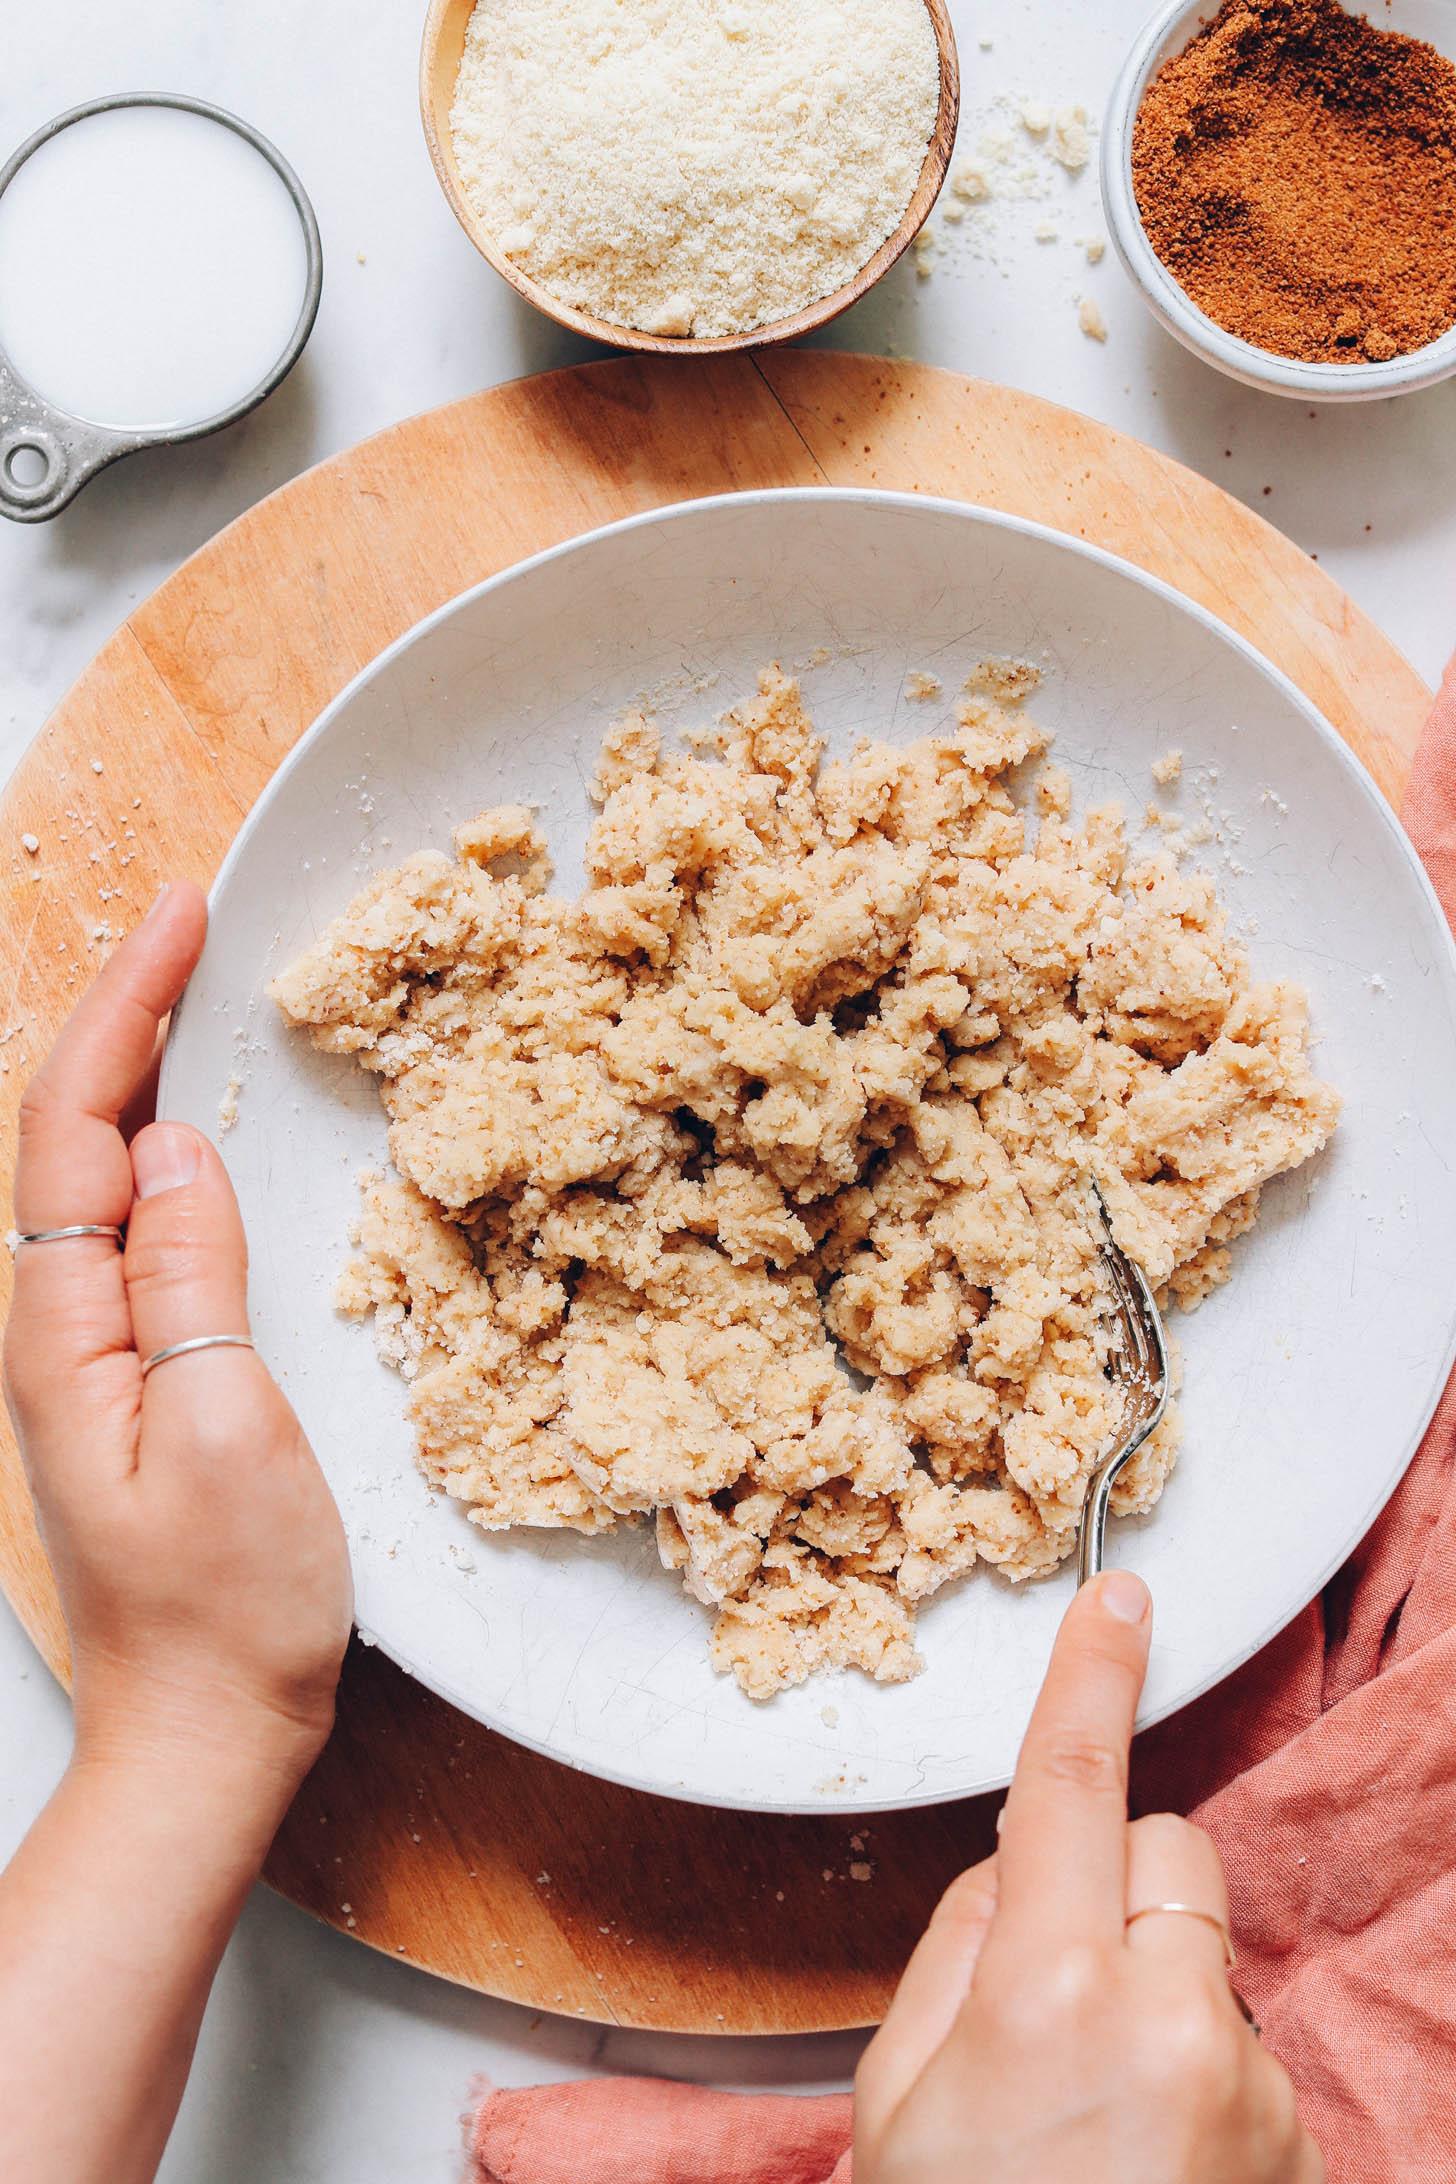 Mixing gluten-free cobbler dough